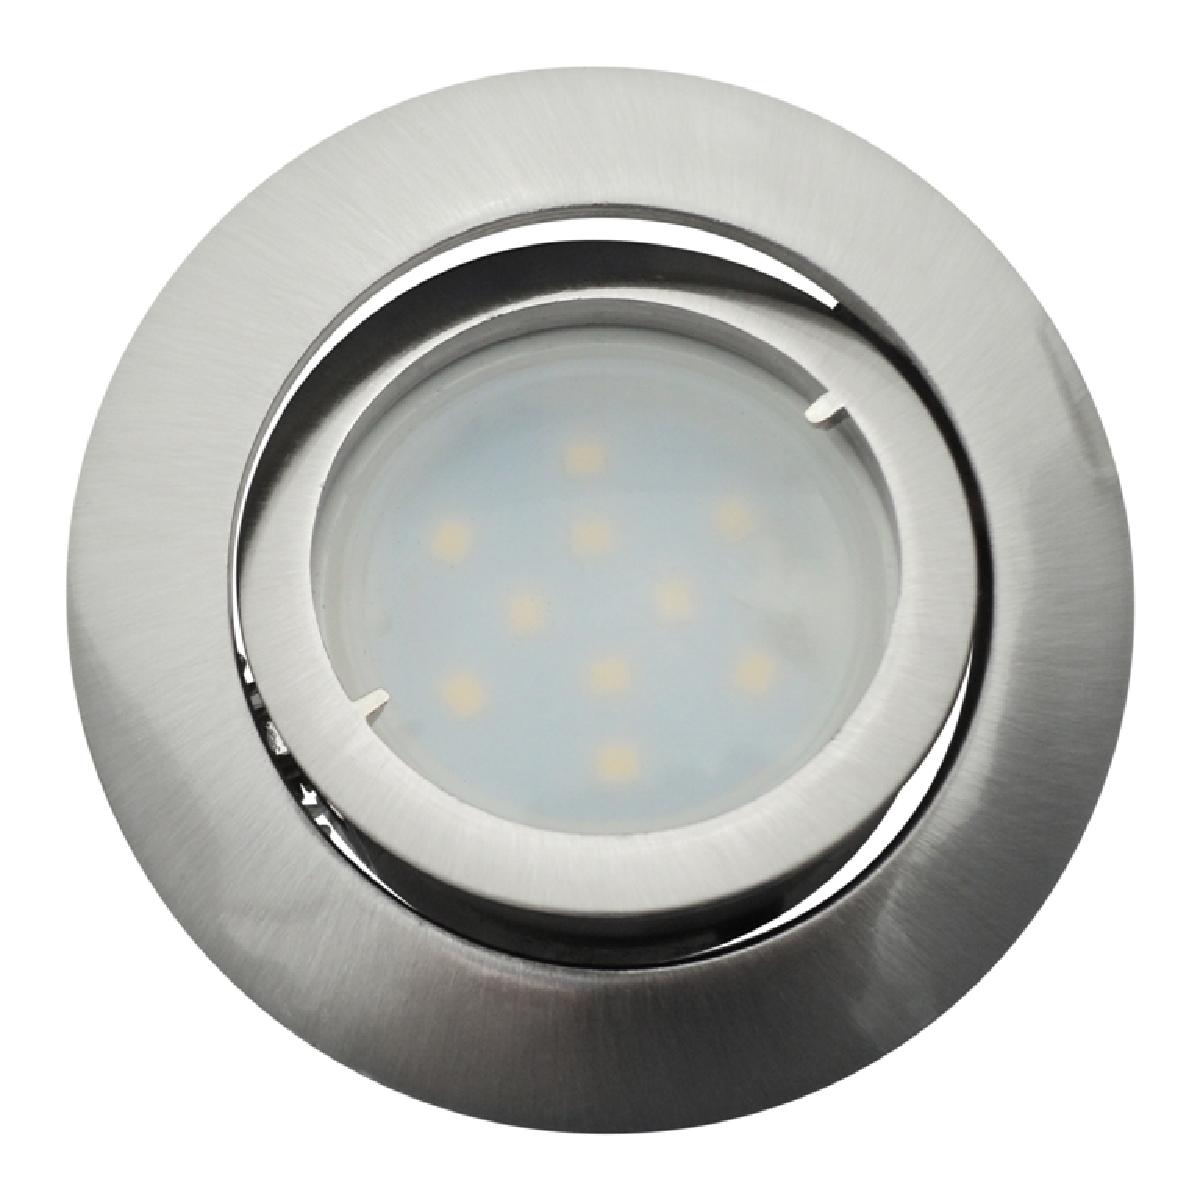 Eurobryte Lot de 30 Spot Led Encastrable Complete Satin Orientable lumière Blanc Chaud eq. 50W ref.209